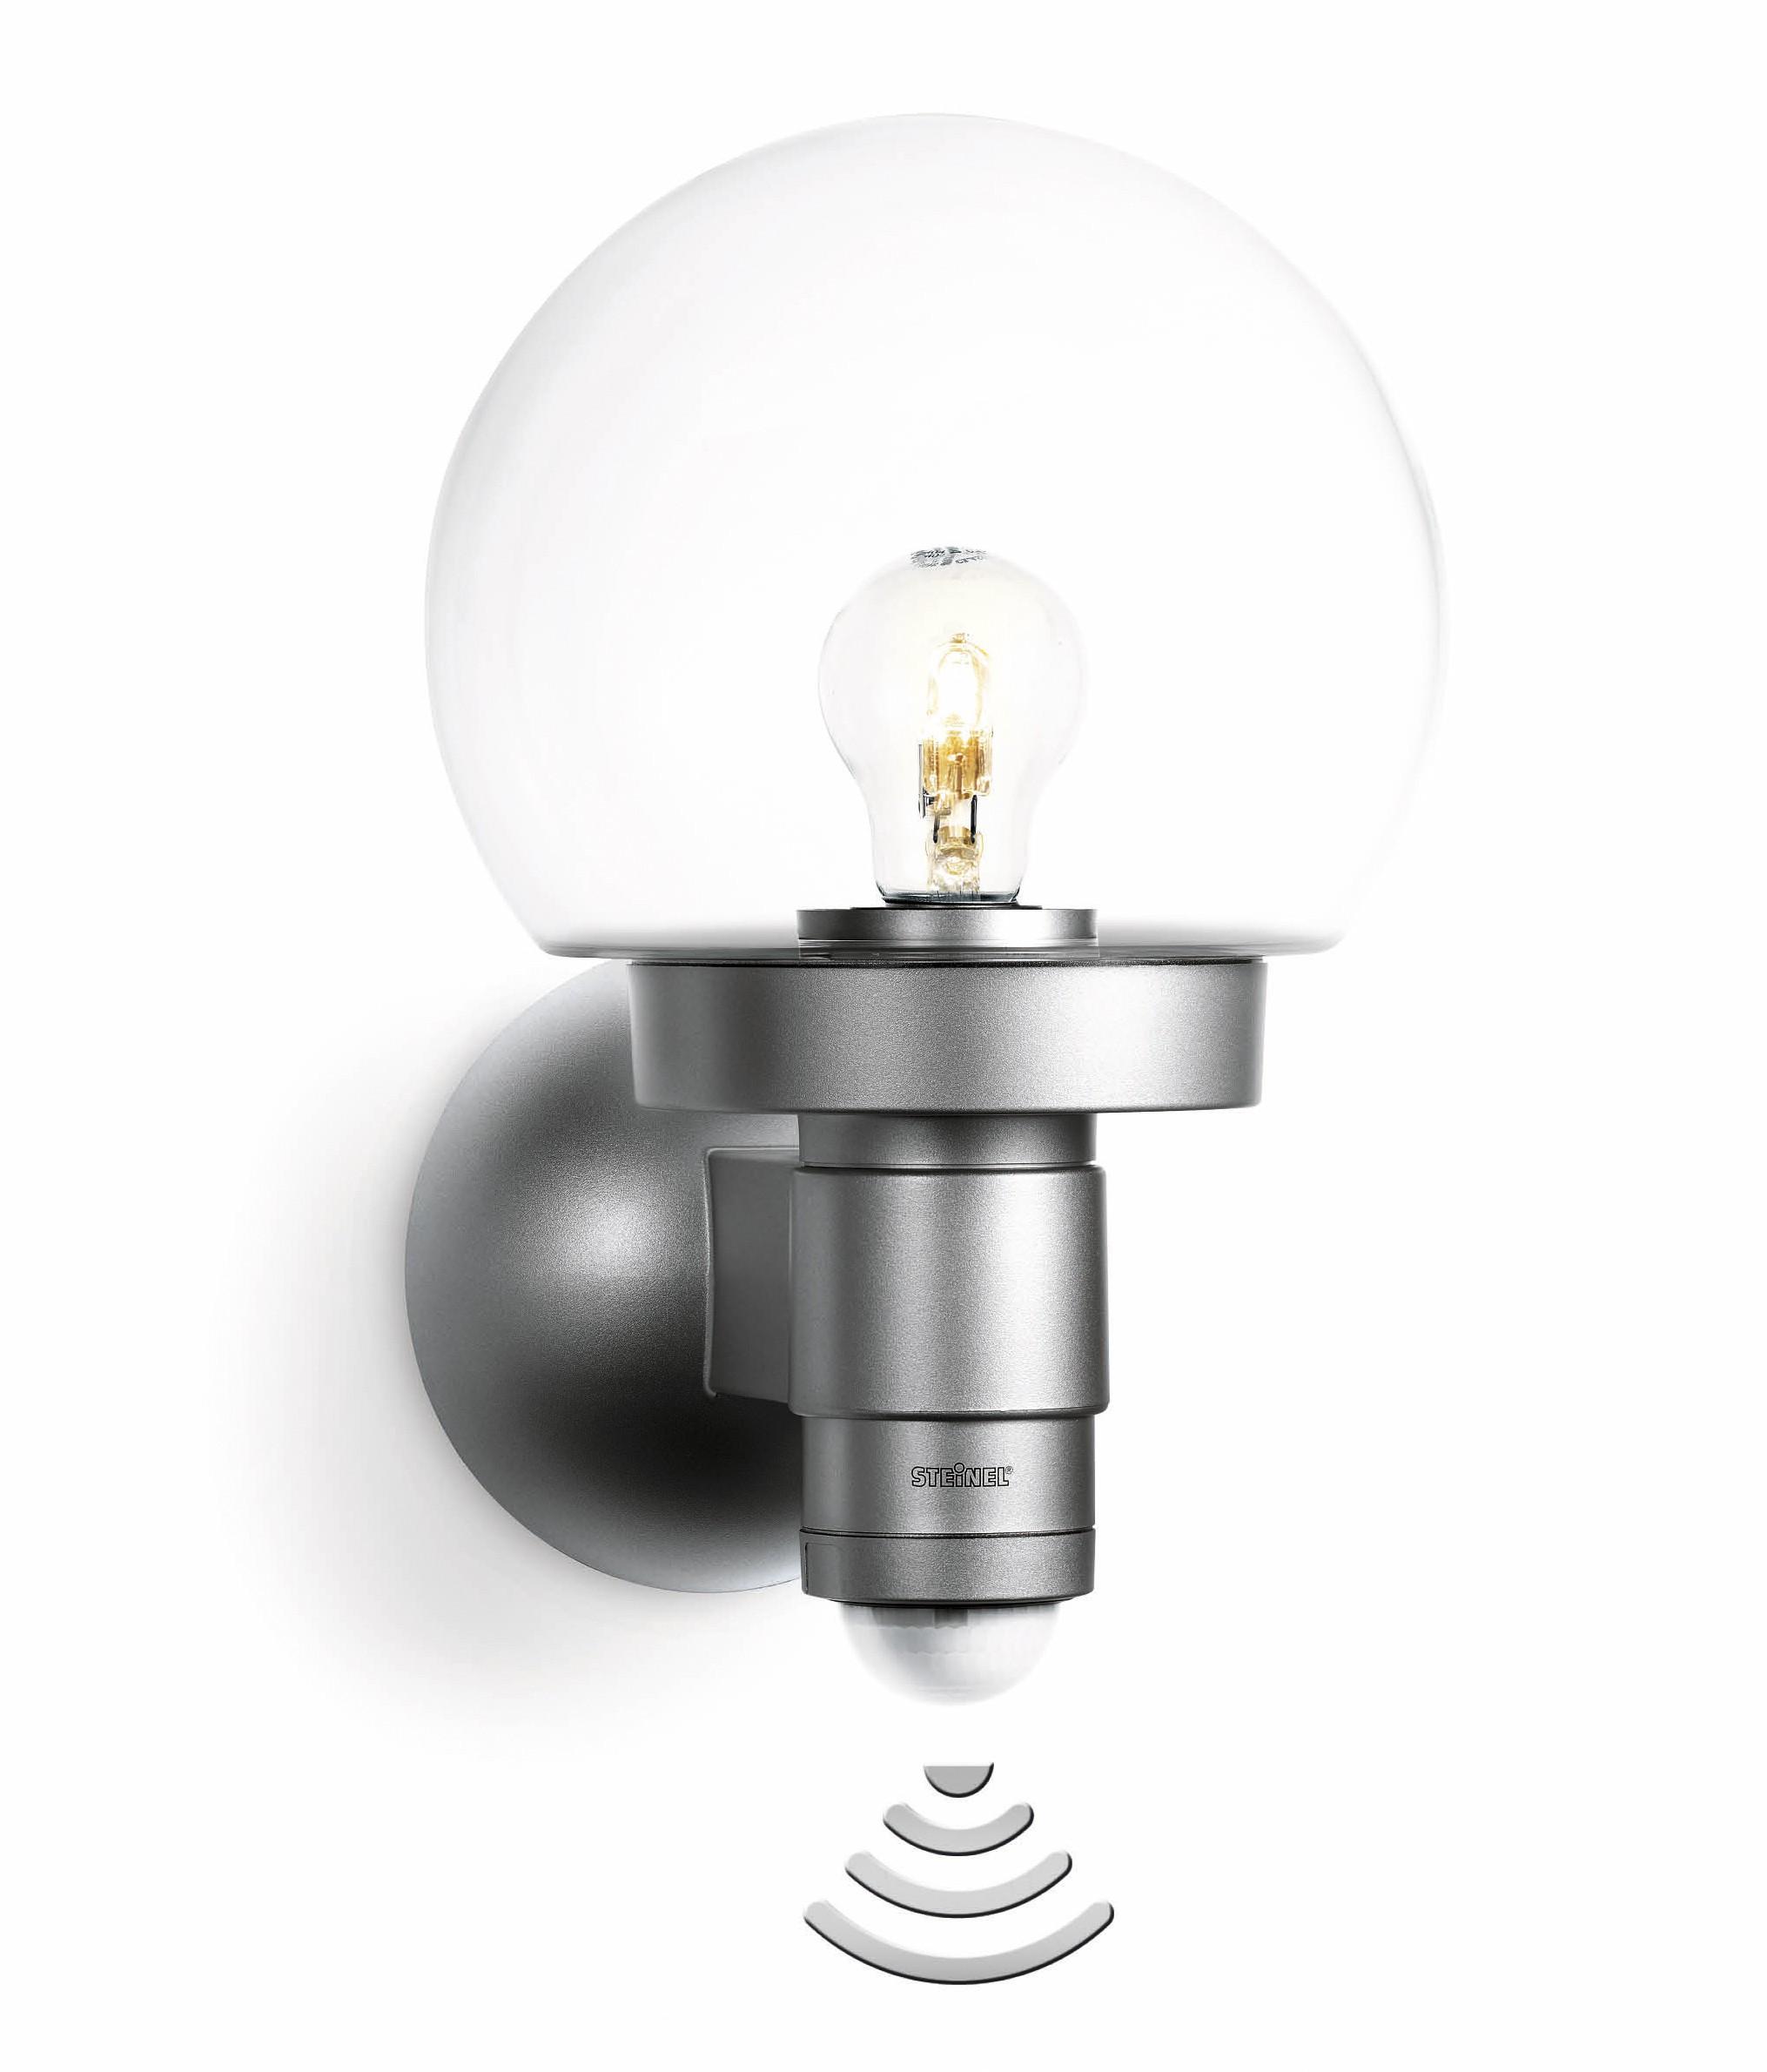 steinel-lampe-a-detection-l-115-s Wunderschöne Steinel Gl 60 S Dekorationen